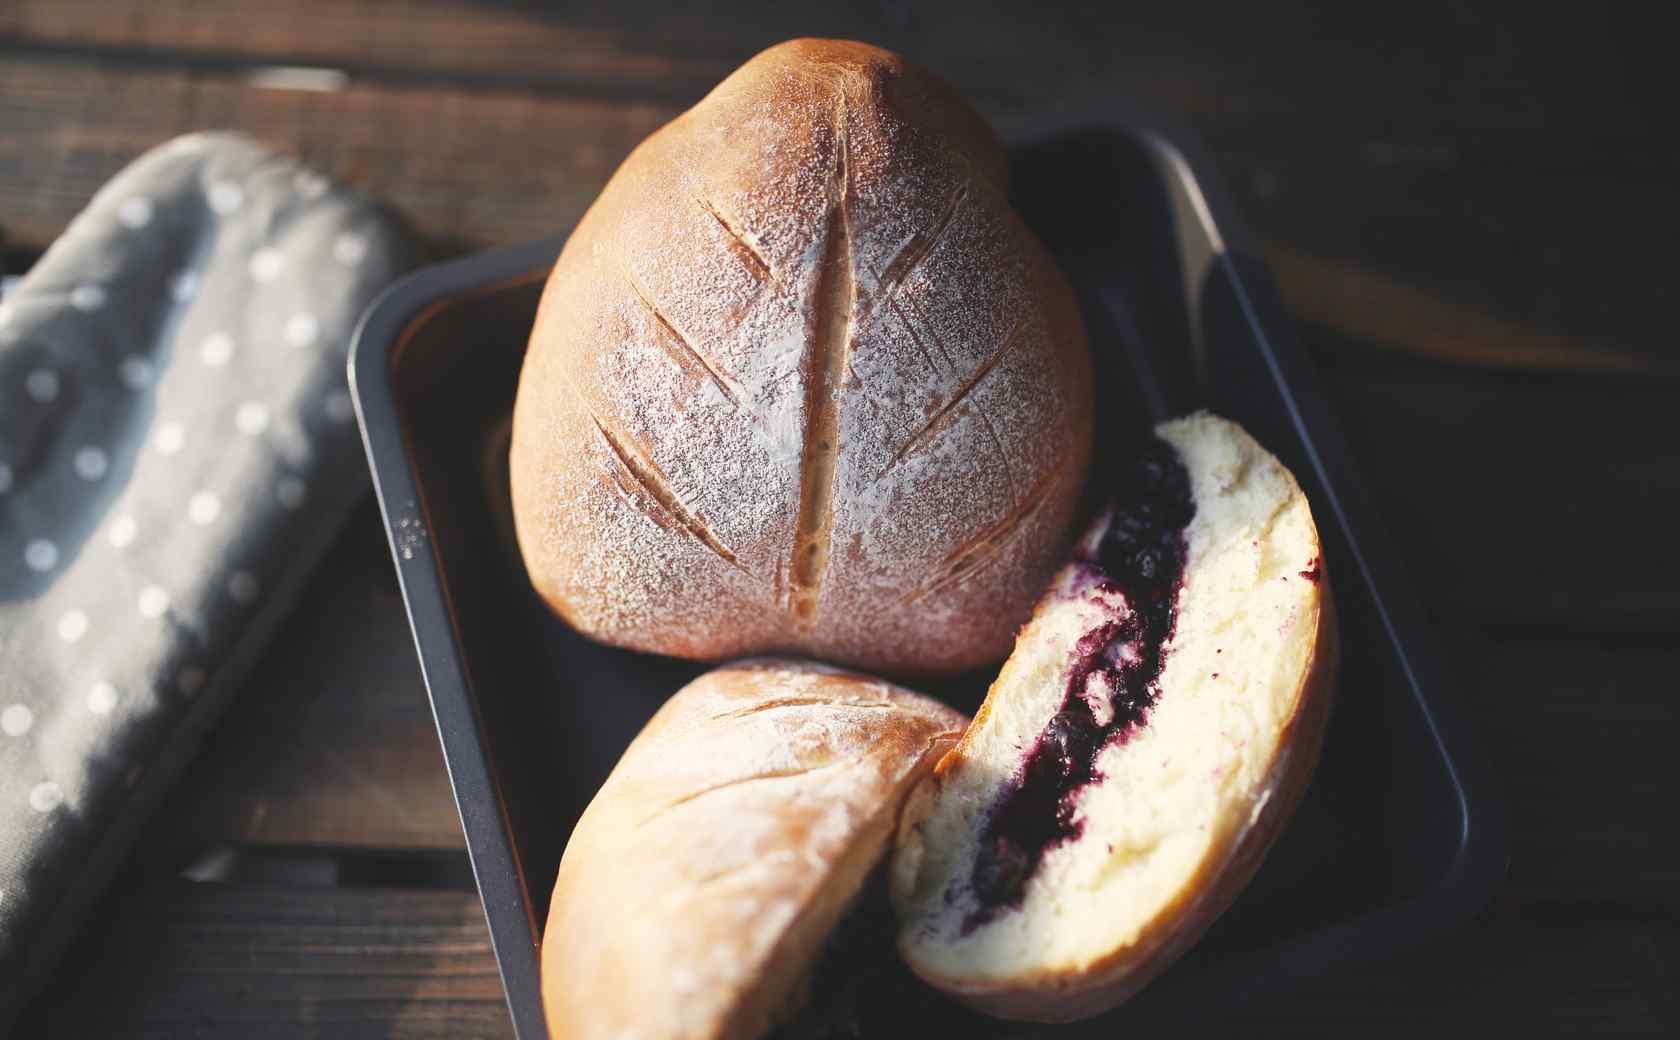 特色红豆面包美食壁纸图片